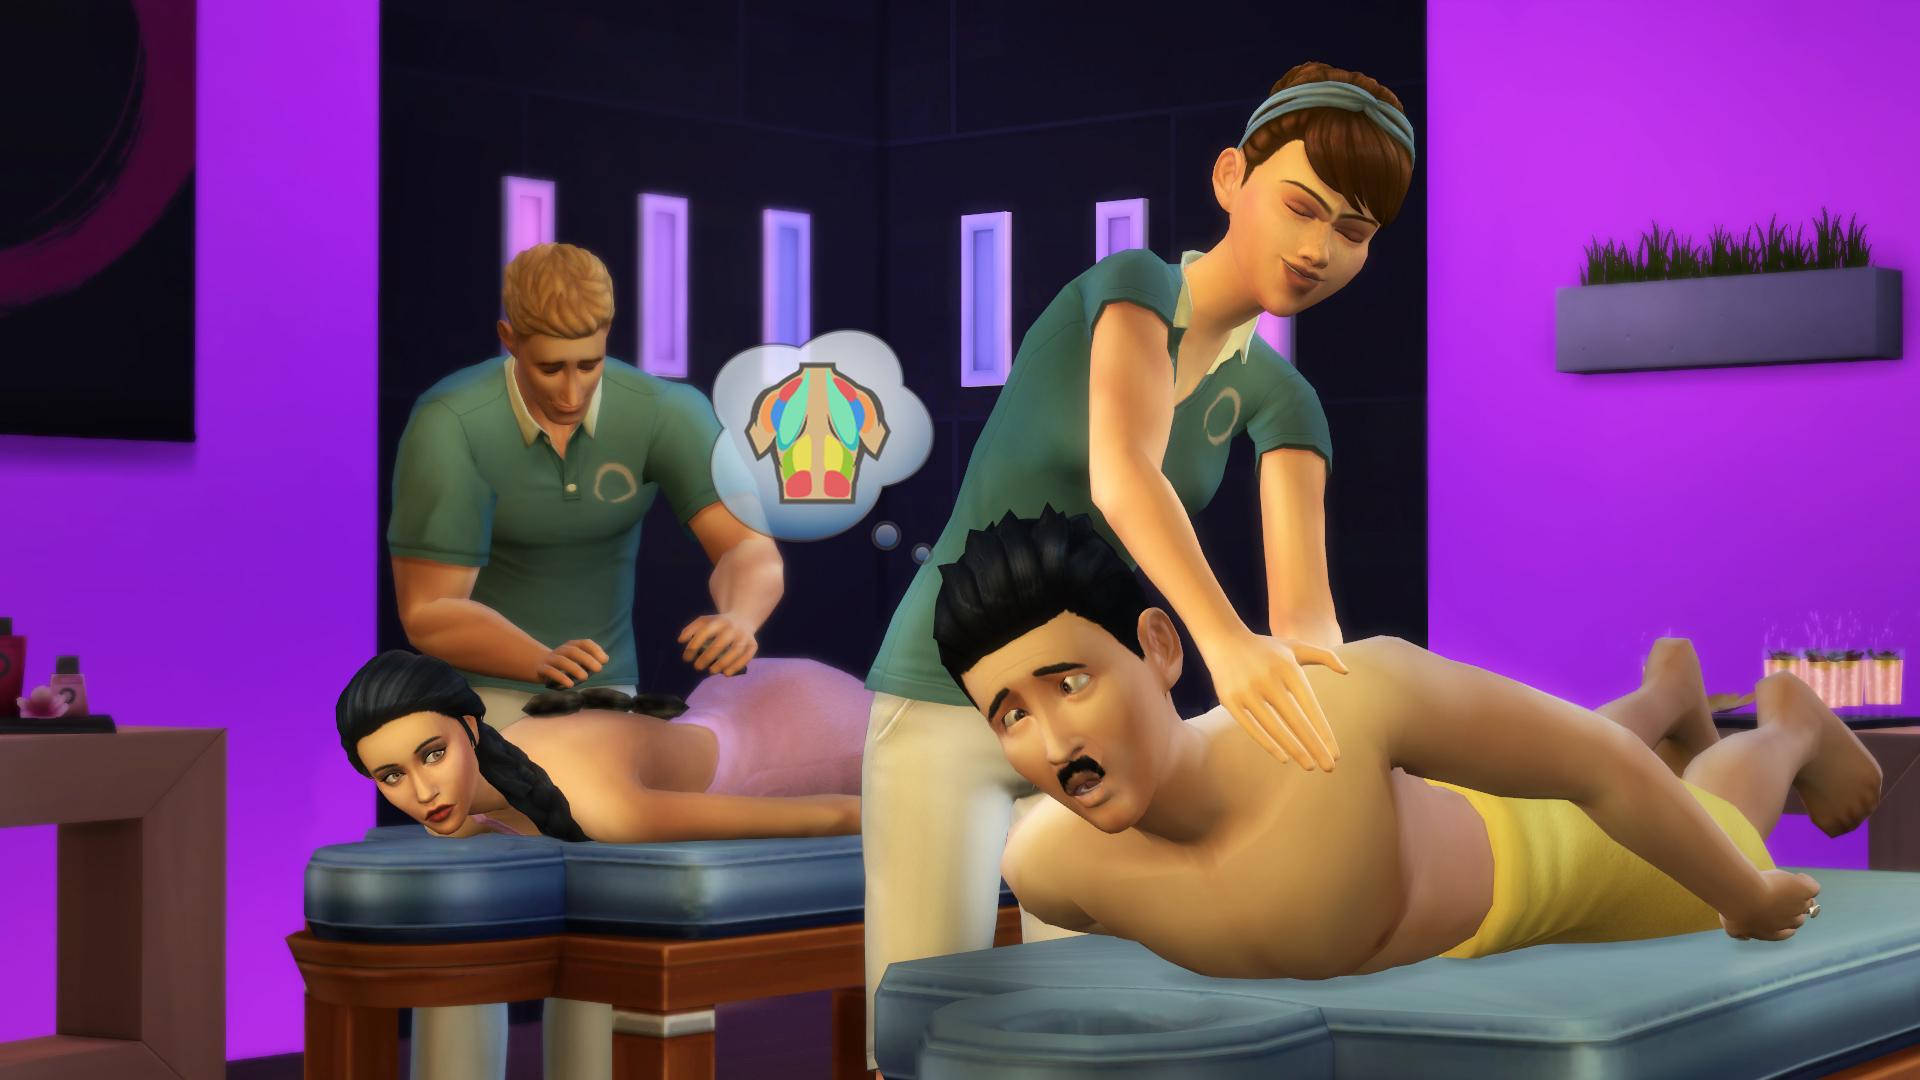 Ігри sex онлайн, Лучшие эротические секс игры! 10 фотография